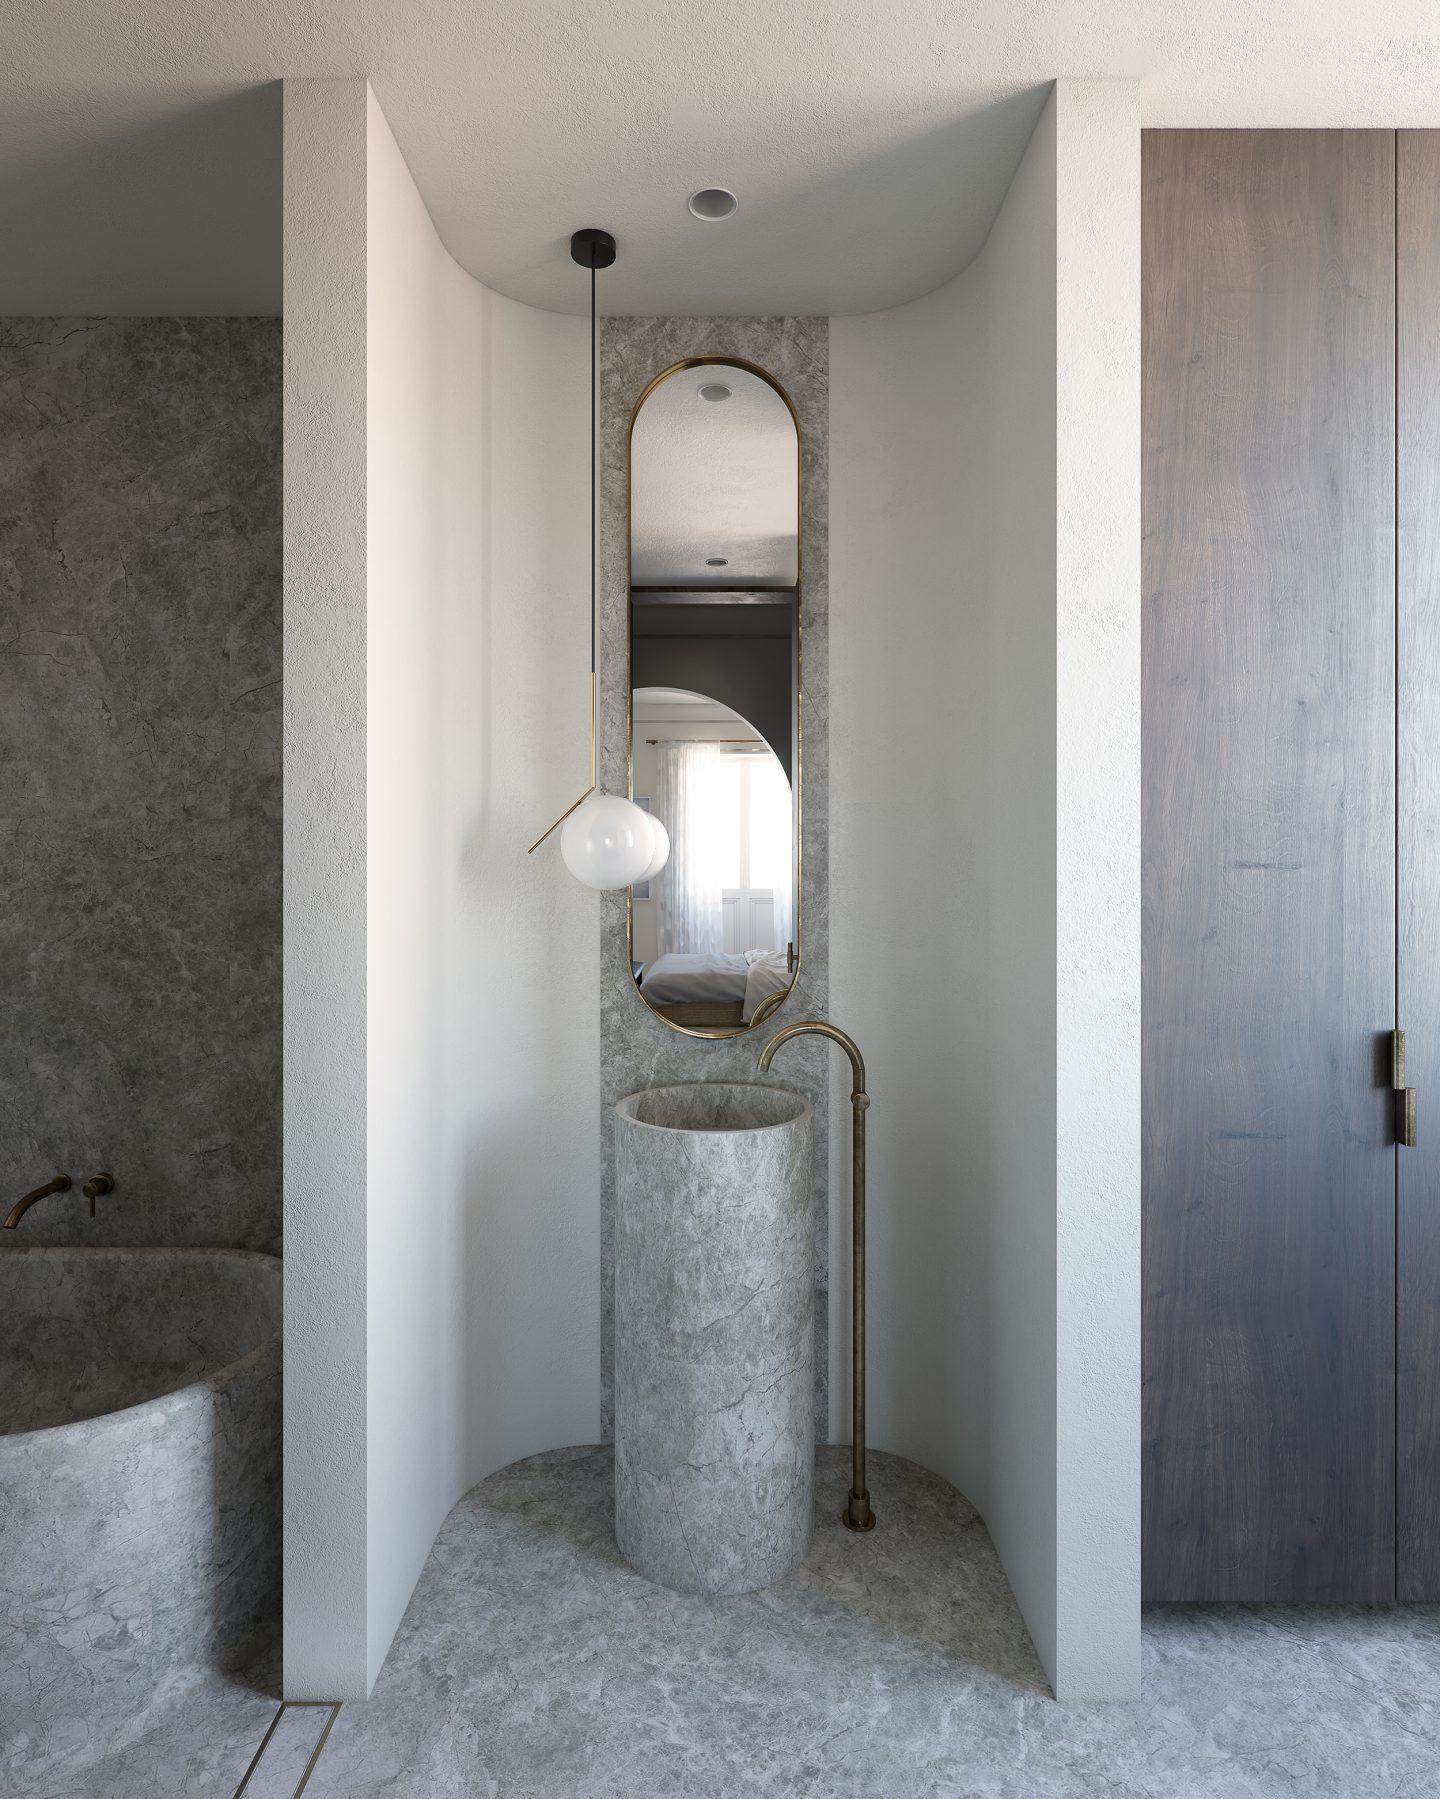 IGNANT-Design-Boddam-ParisApartment-6